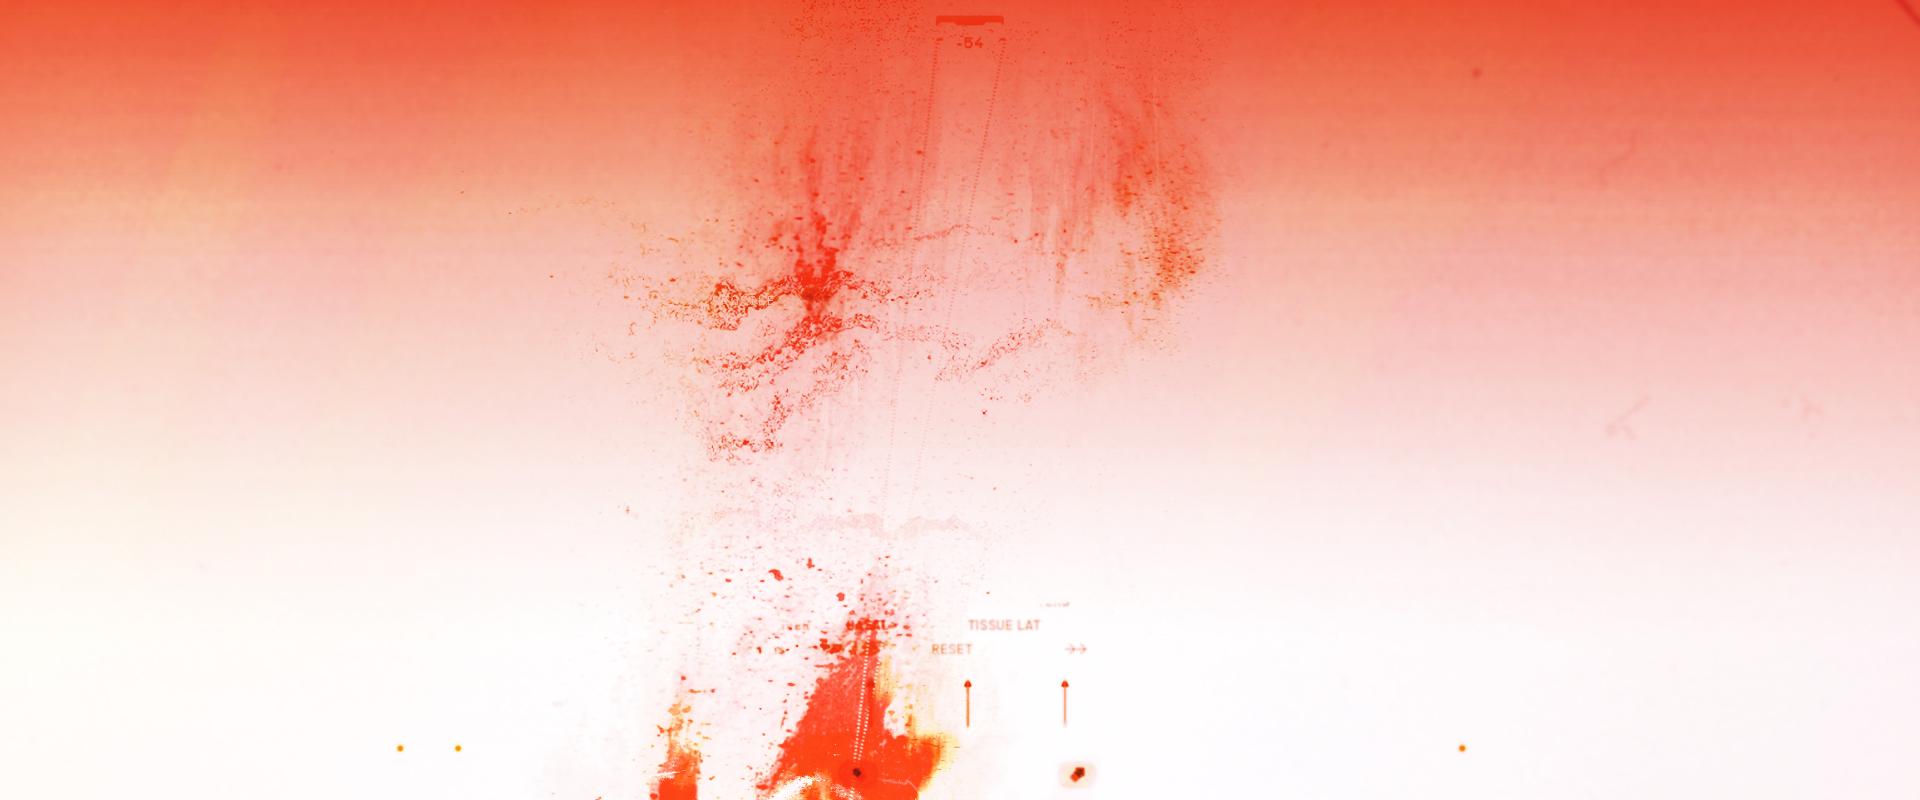 frame7.jpg